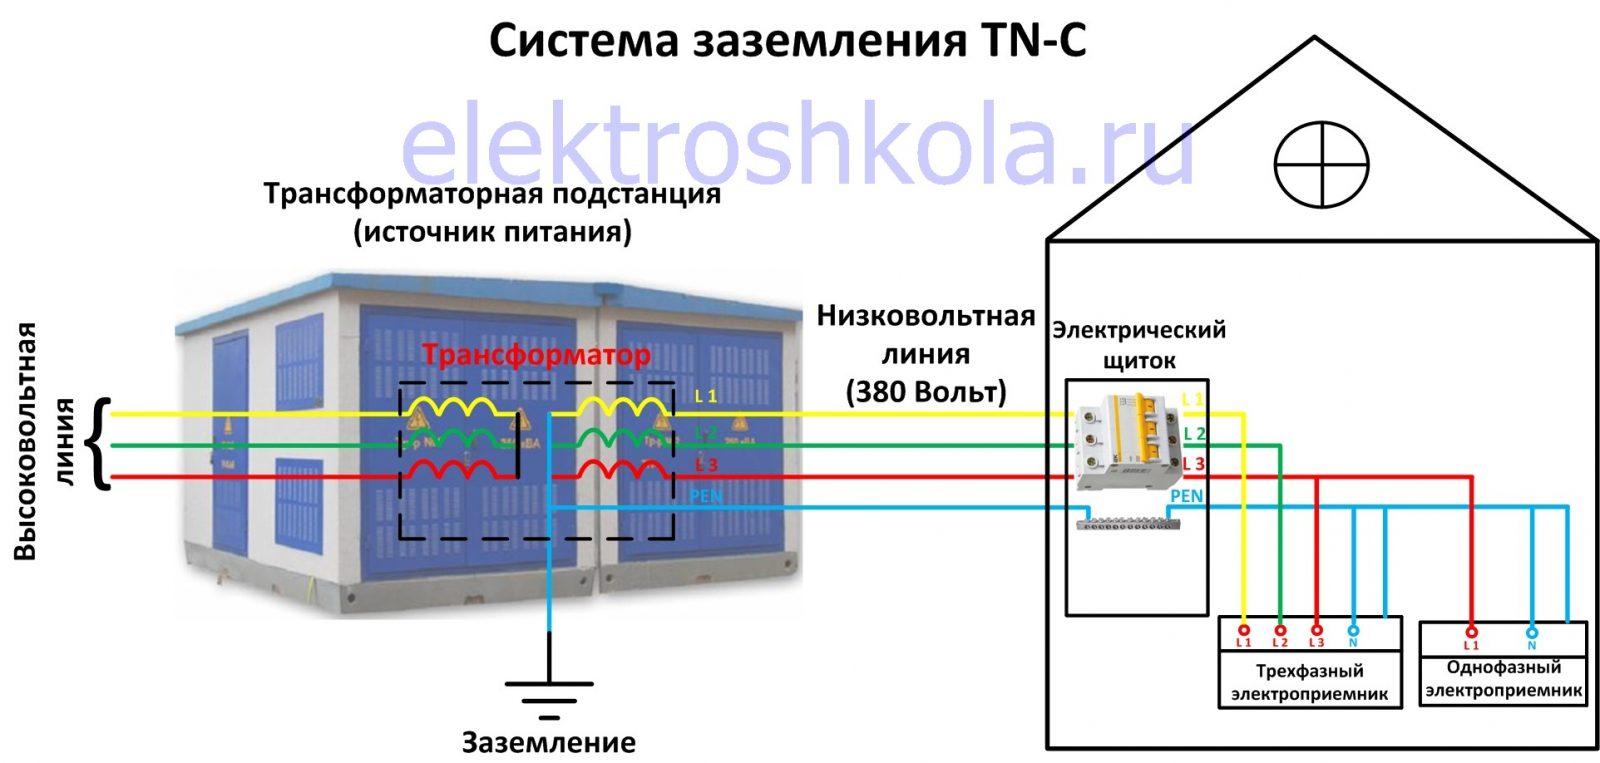 система заземления TN-C схема